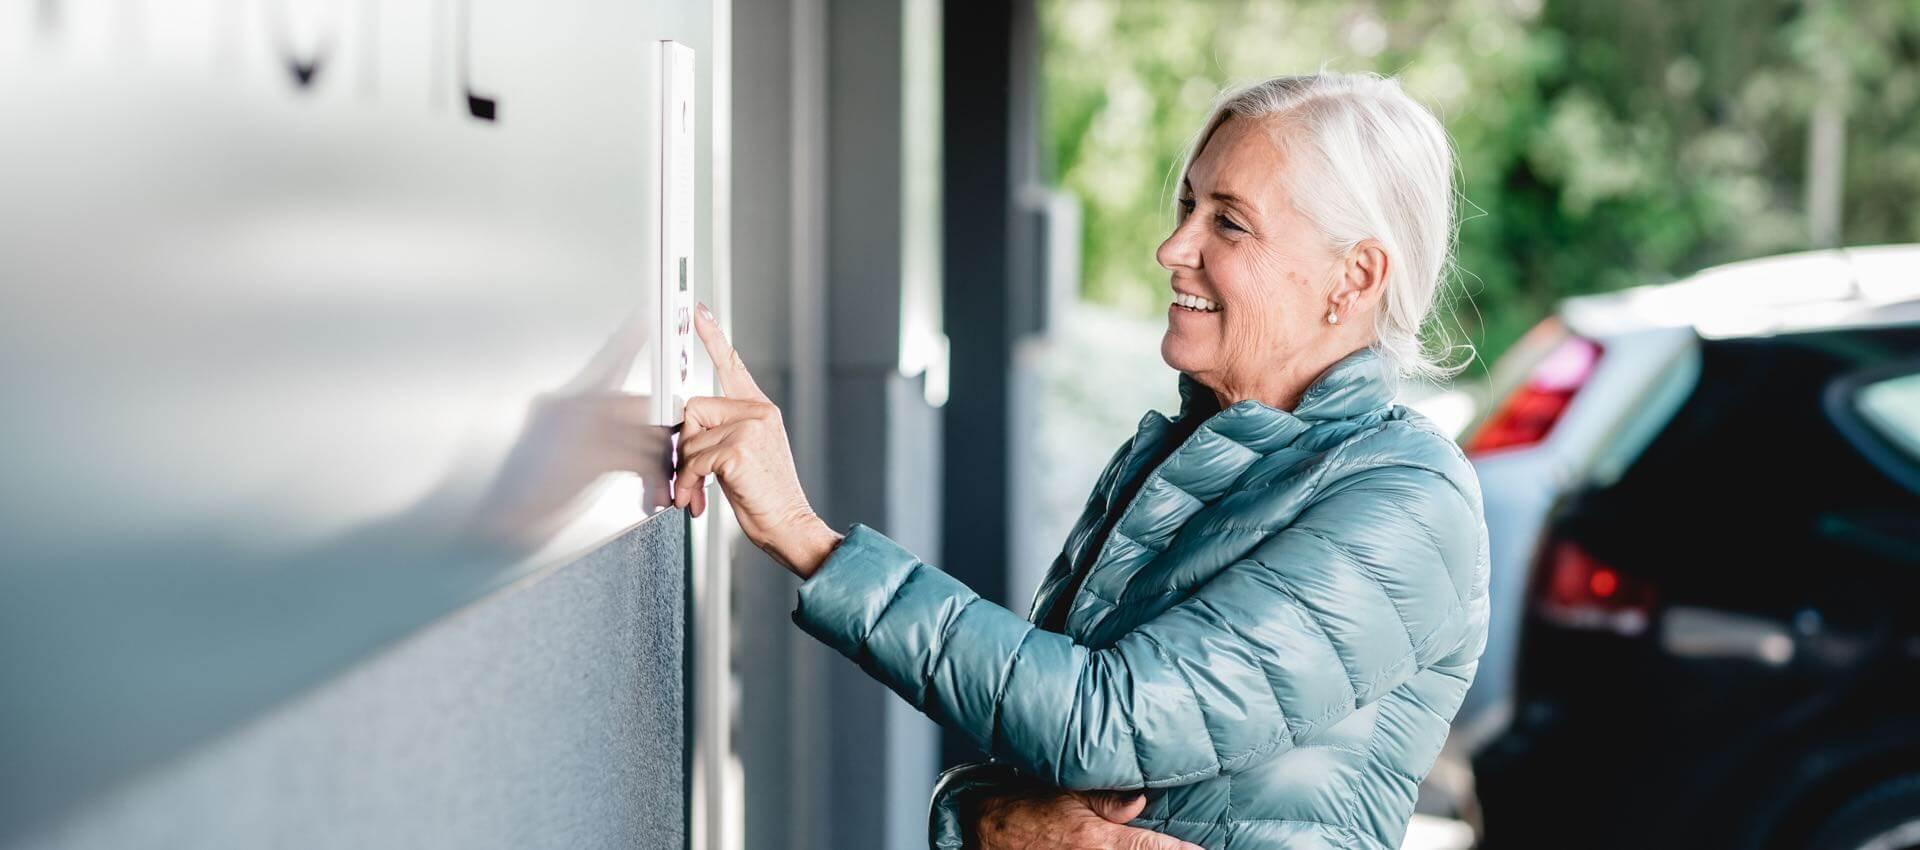 Staršia žena ovládajúca Intercom v exteriéri domu